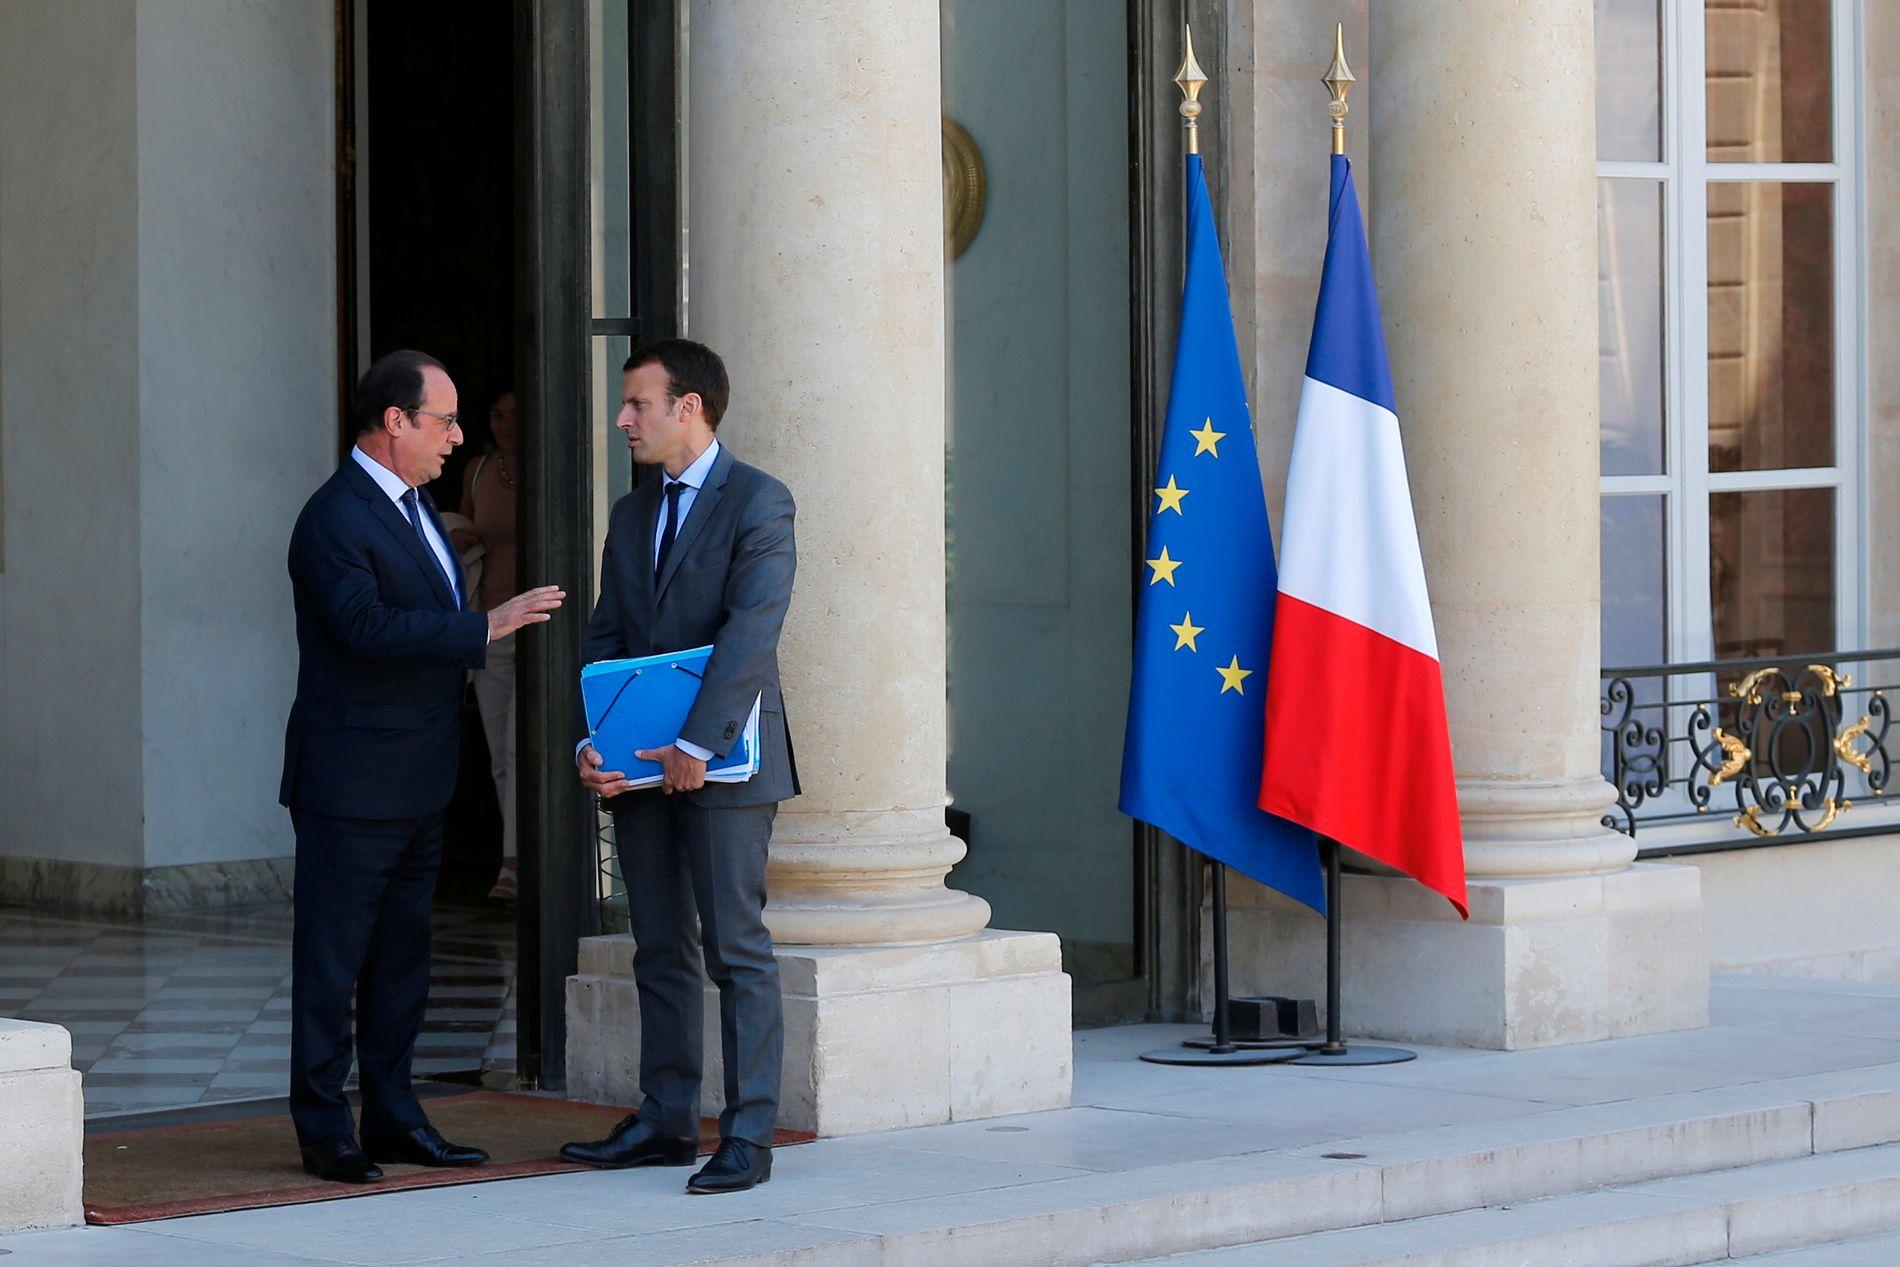 RIVALER: President Francois Hollande tar farvel med finansminister Emmanuel Macron etter et regjeringsmøte i Elyseepalasset i sommer. Nå har Macron gått ut av regjeringen og dannet en ny politiske bevegelse. Foto: REUTERS